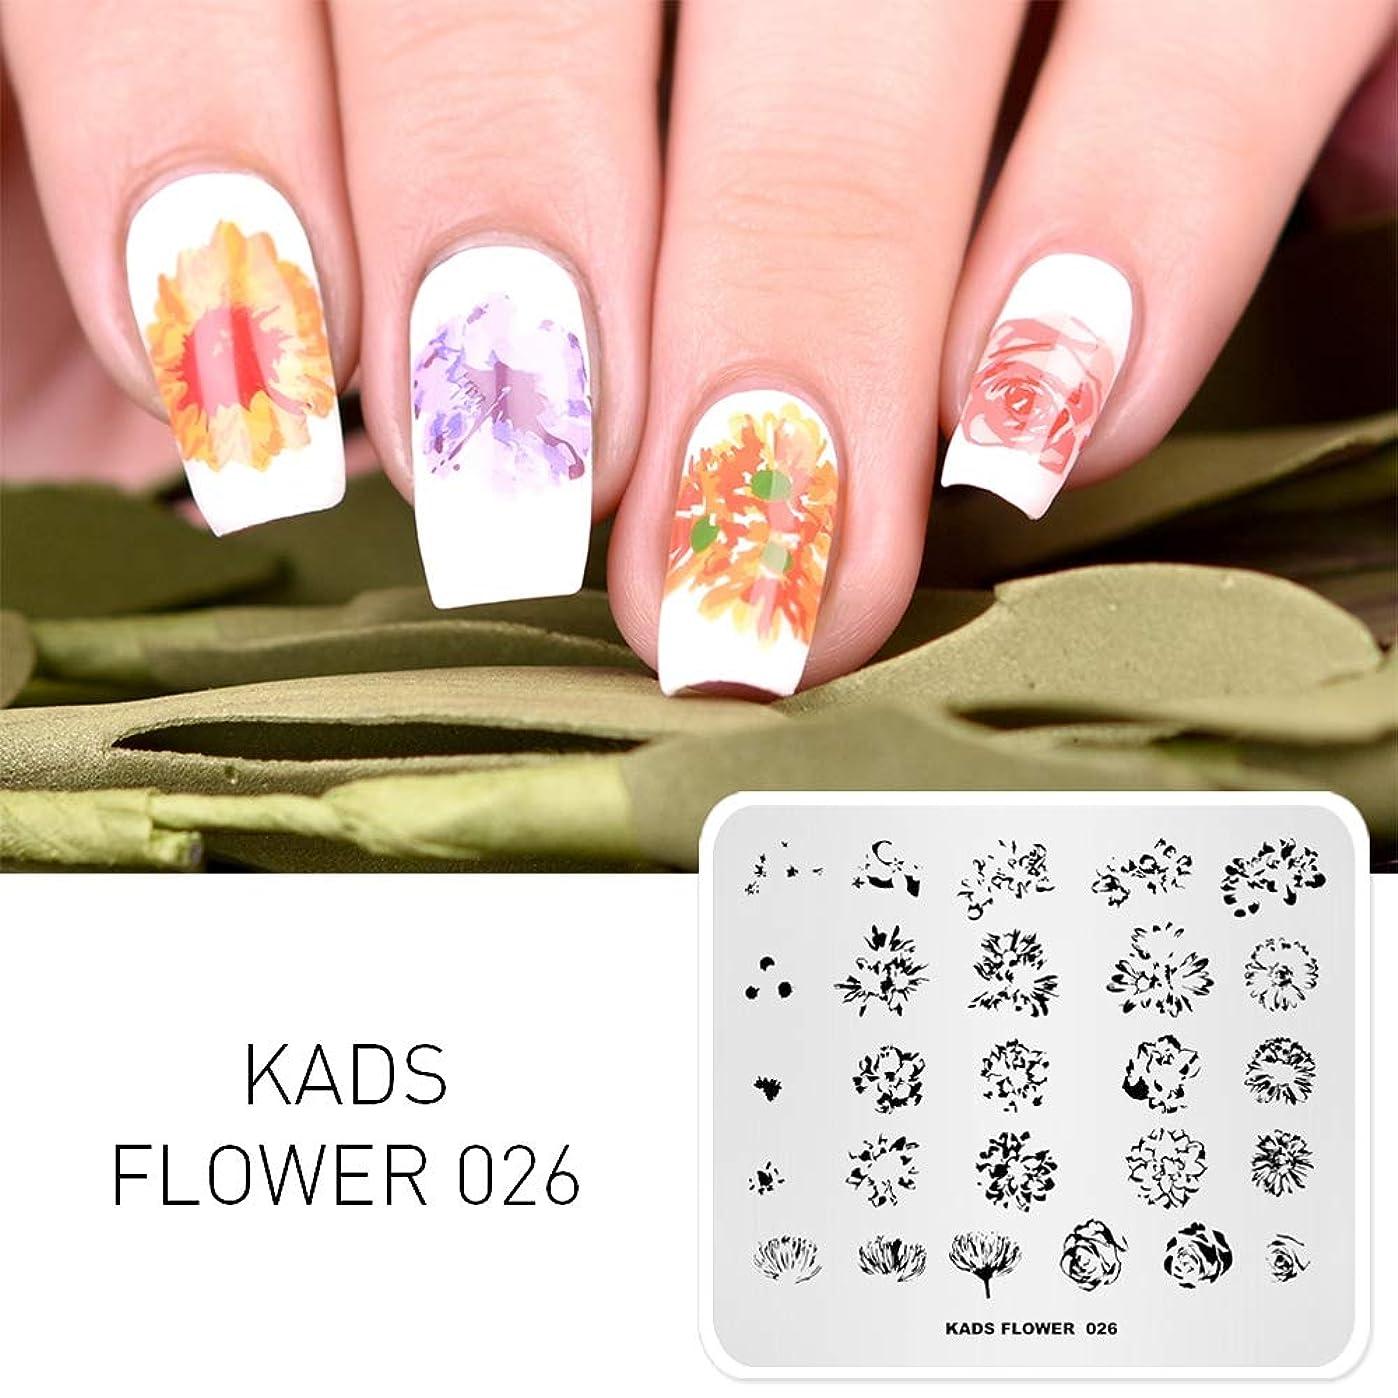 魂くさび素人KADS ネイルアートスタンピングプレート パターンスタンプテンプレート ネイルイメージプレート(FL026)